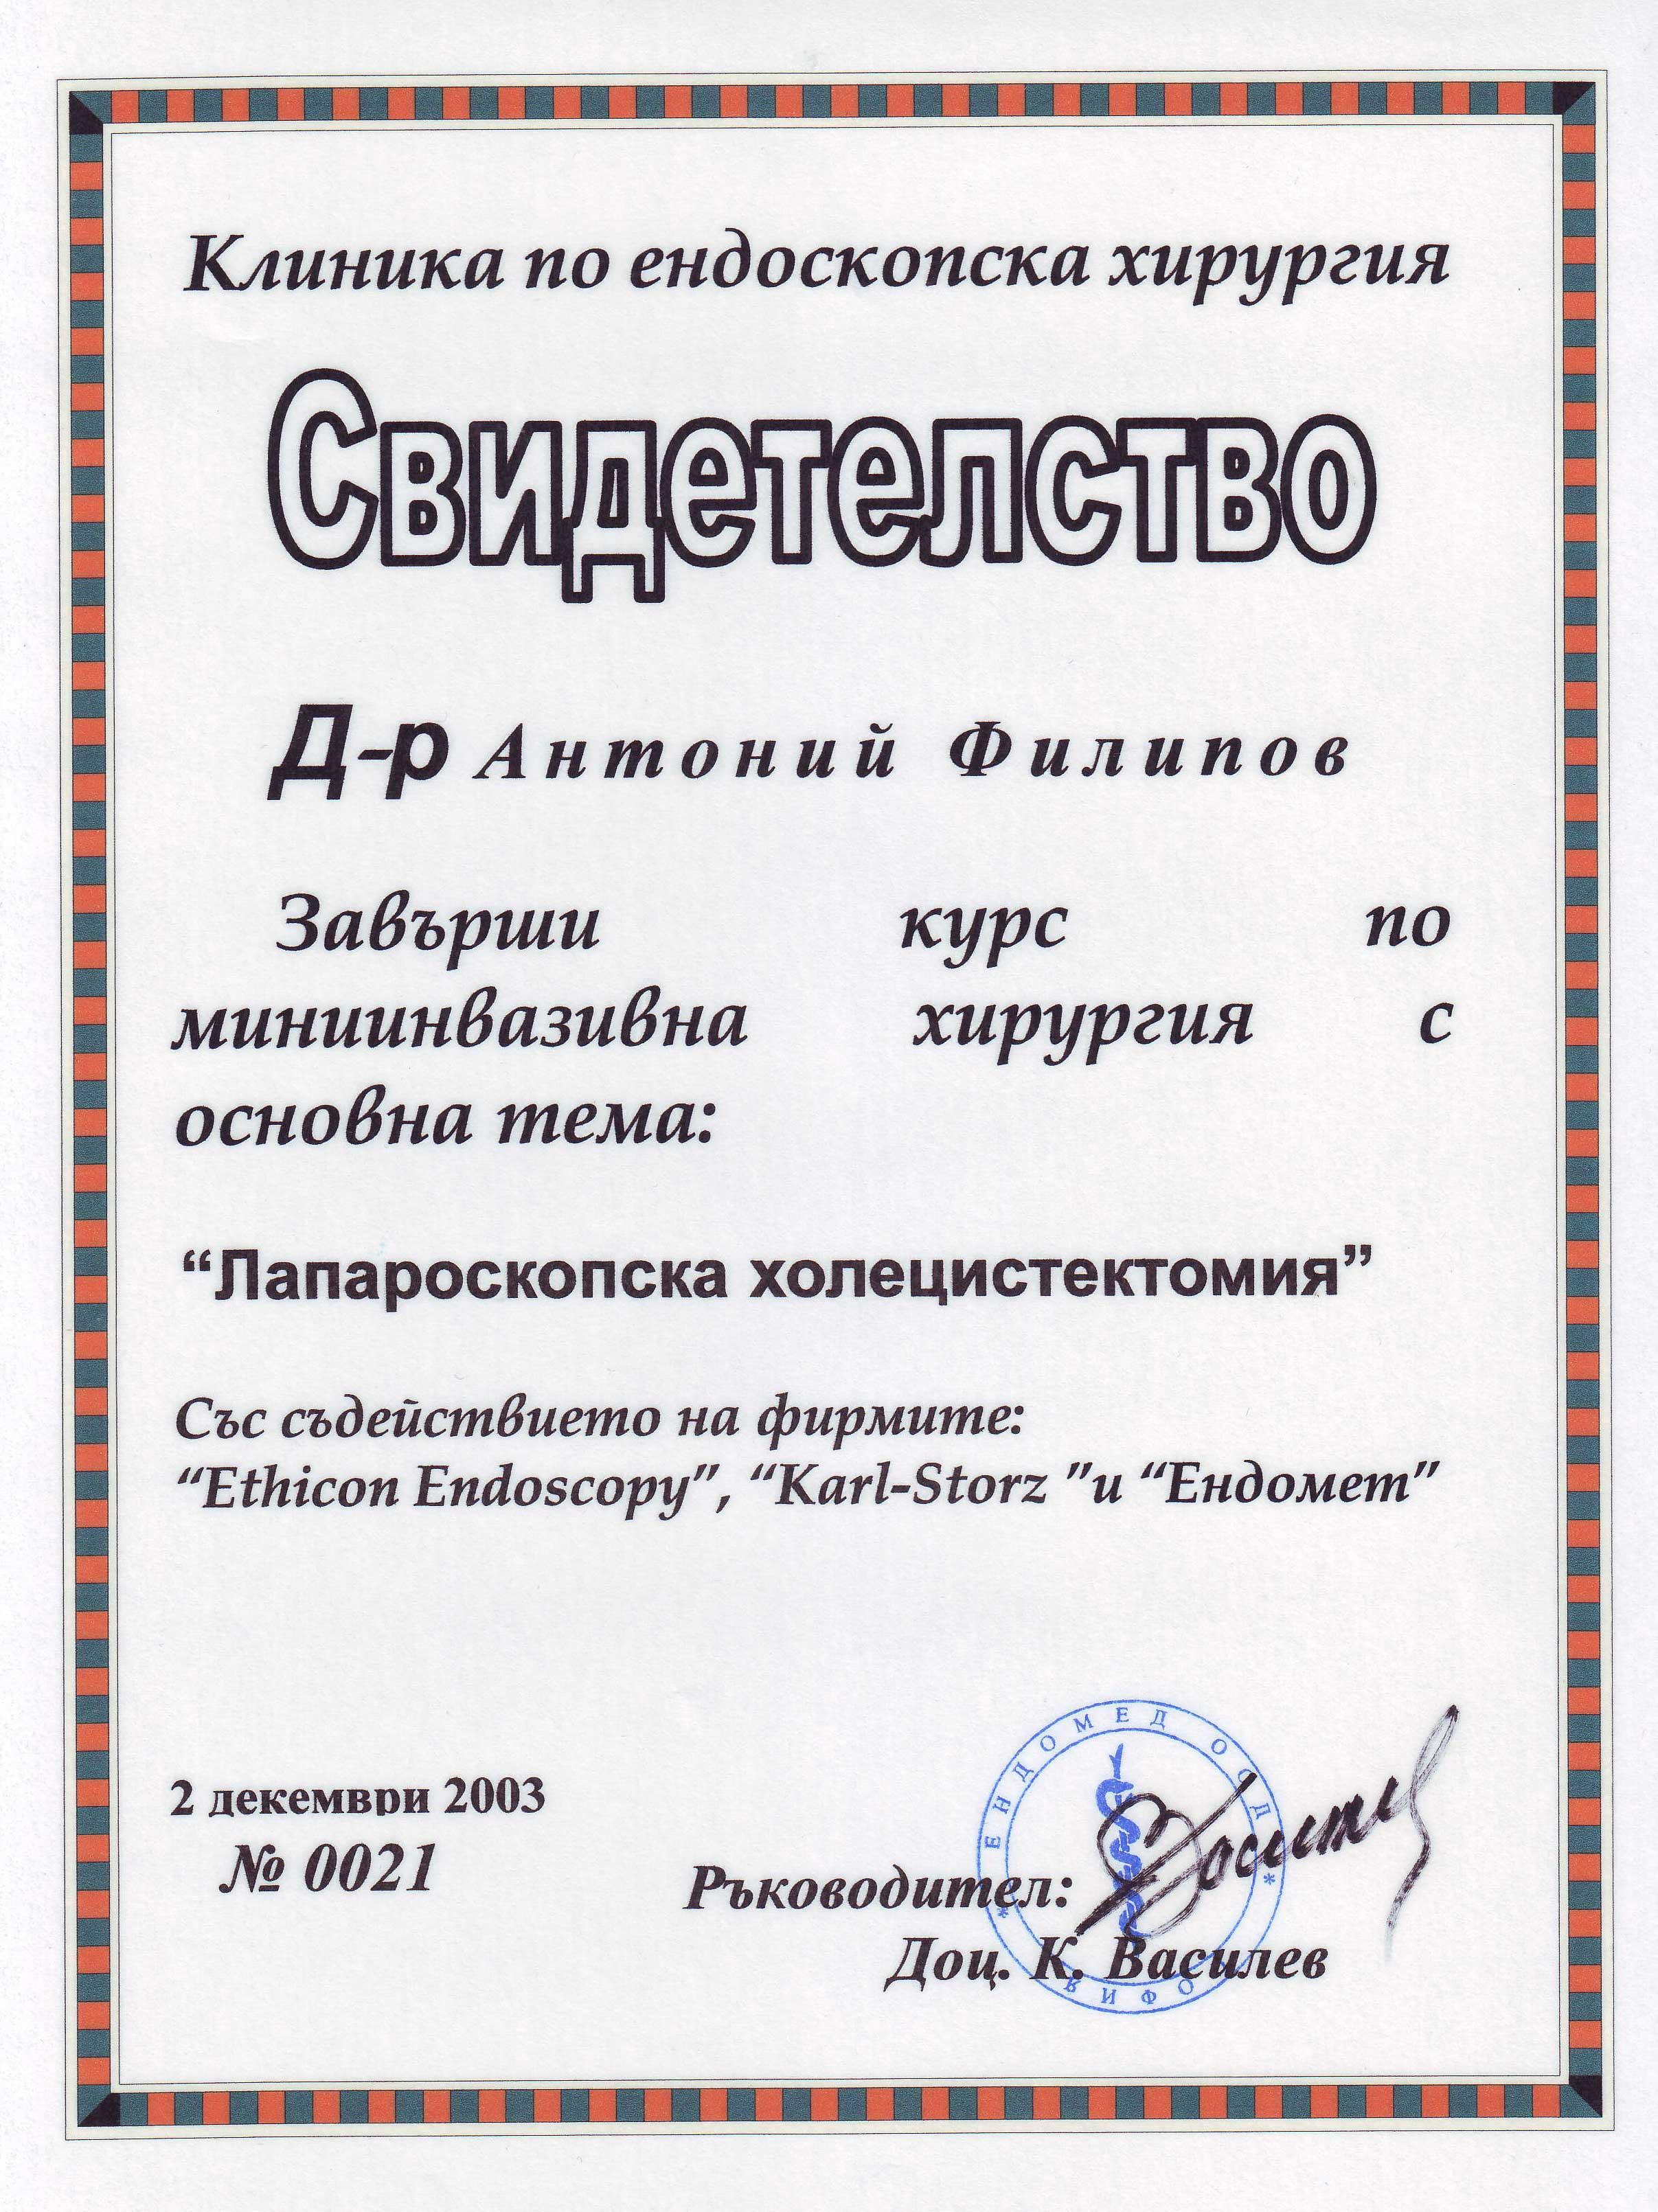 Сертификат.Клиника по ендоскопска хирургия